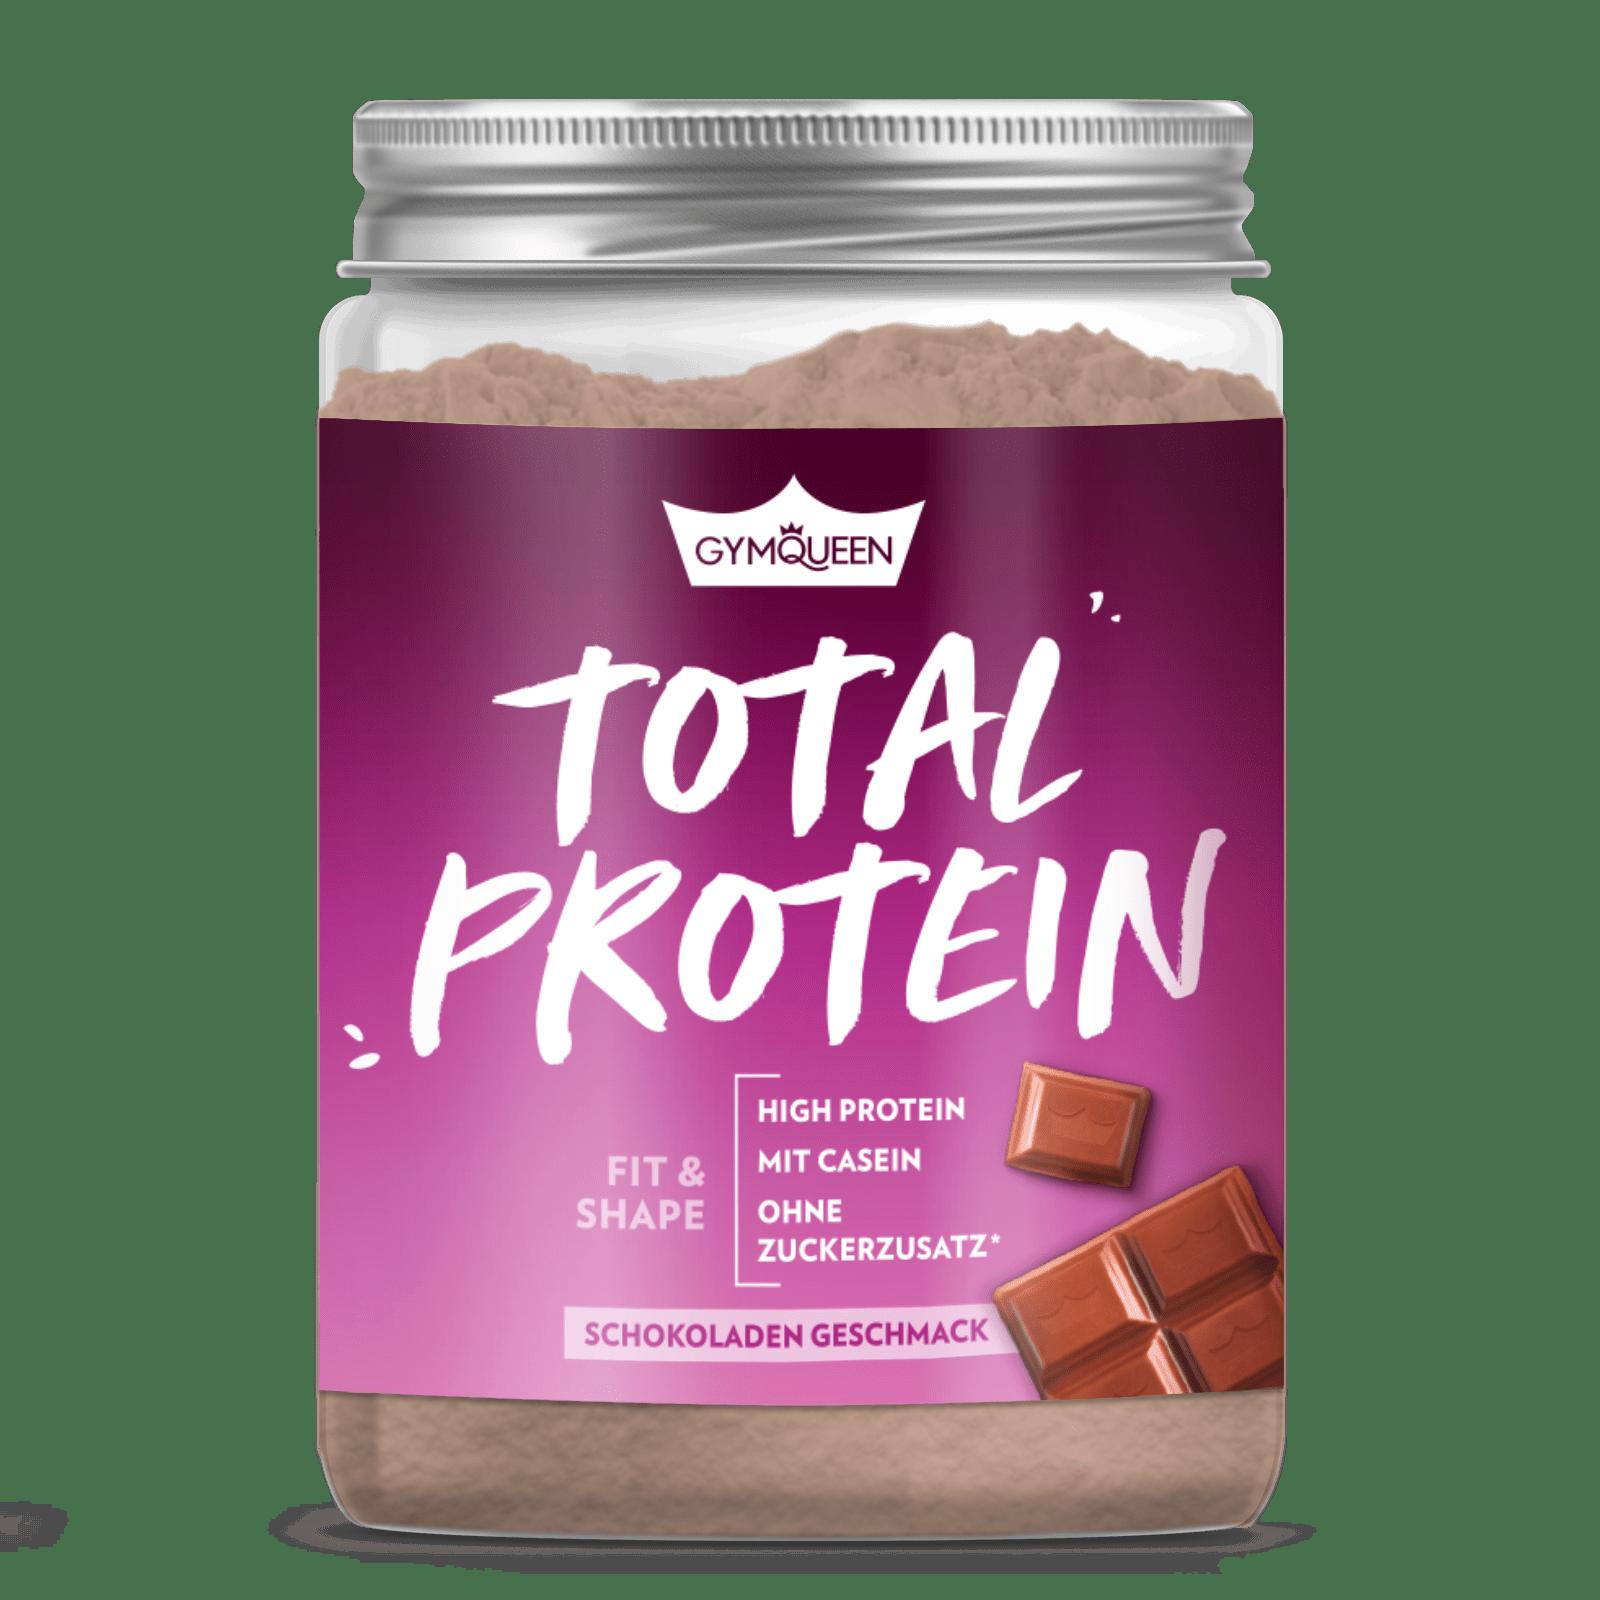 Total Protein - 500g - Schokolade